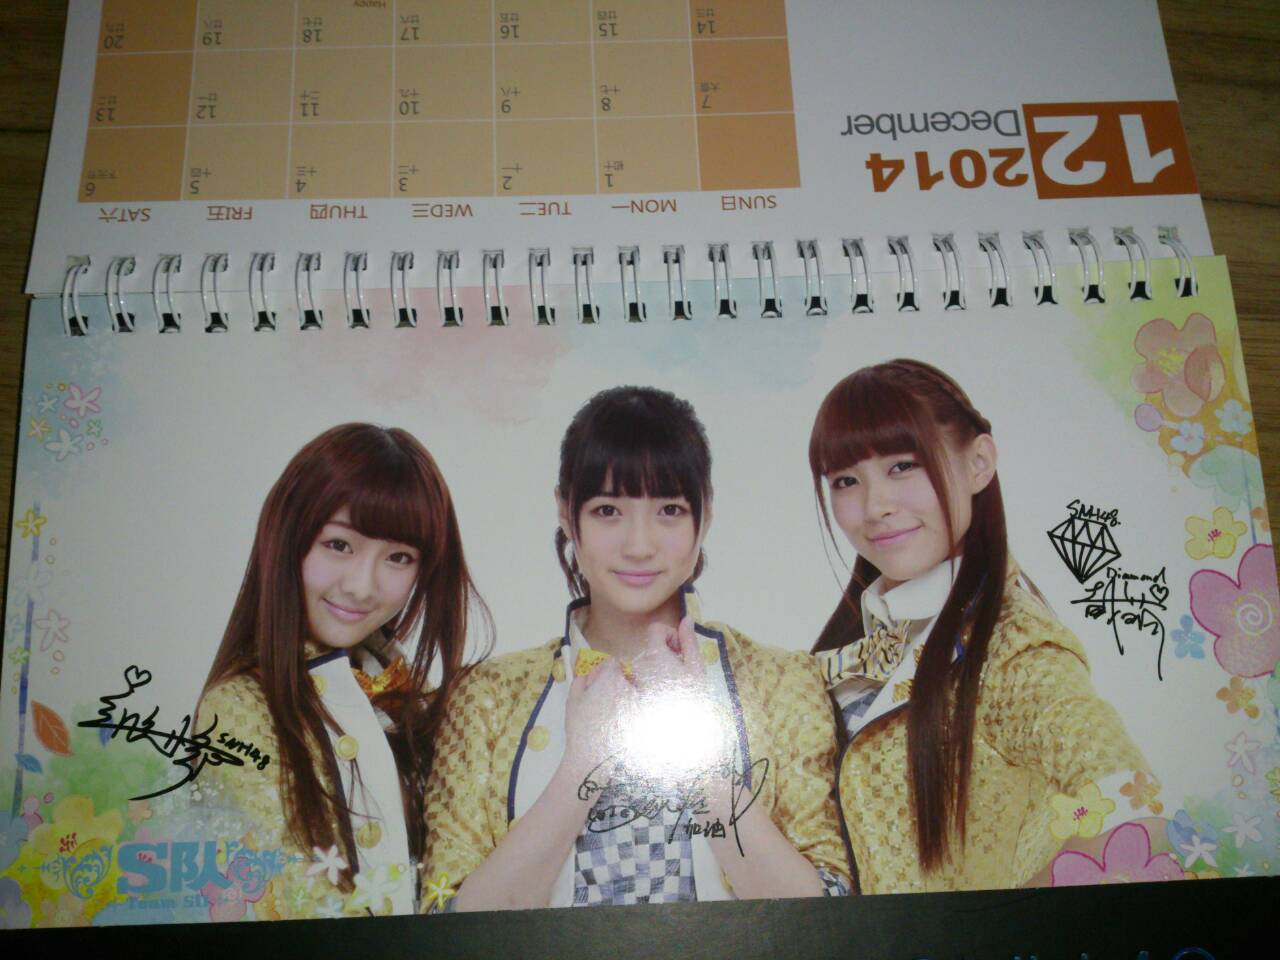 【SNH48】SNH48カレンダーがやっと届いた!!中身を紹介!( ̄▽ ̄)